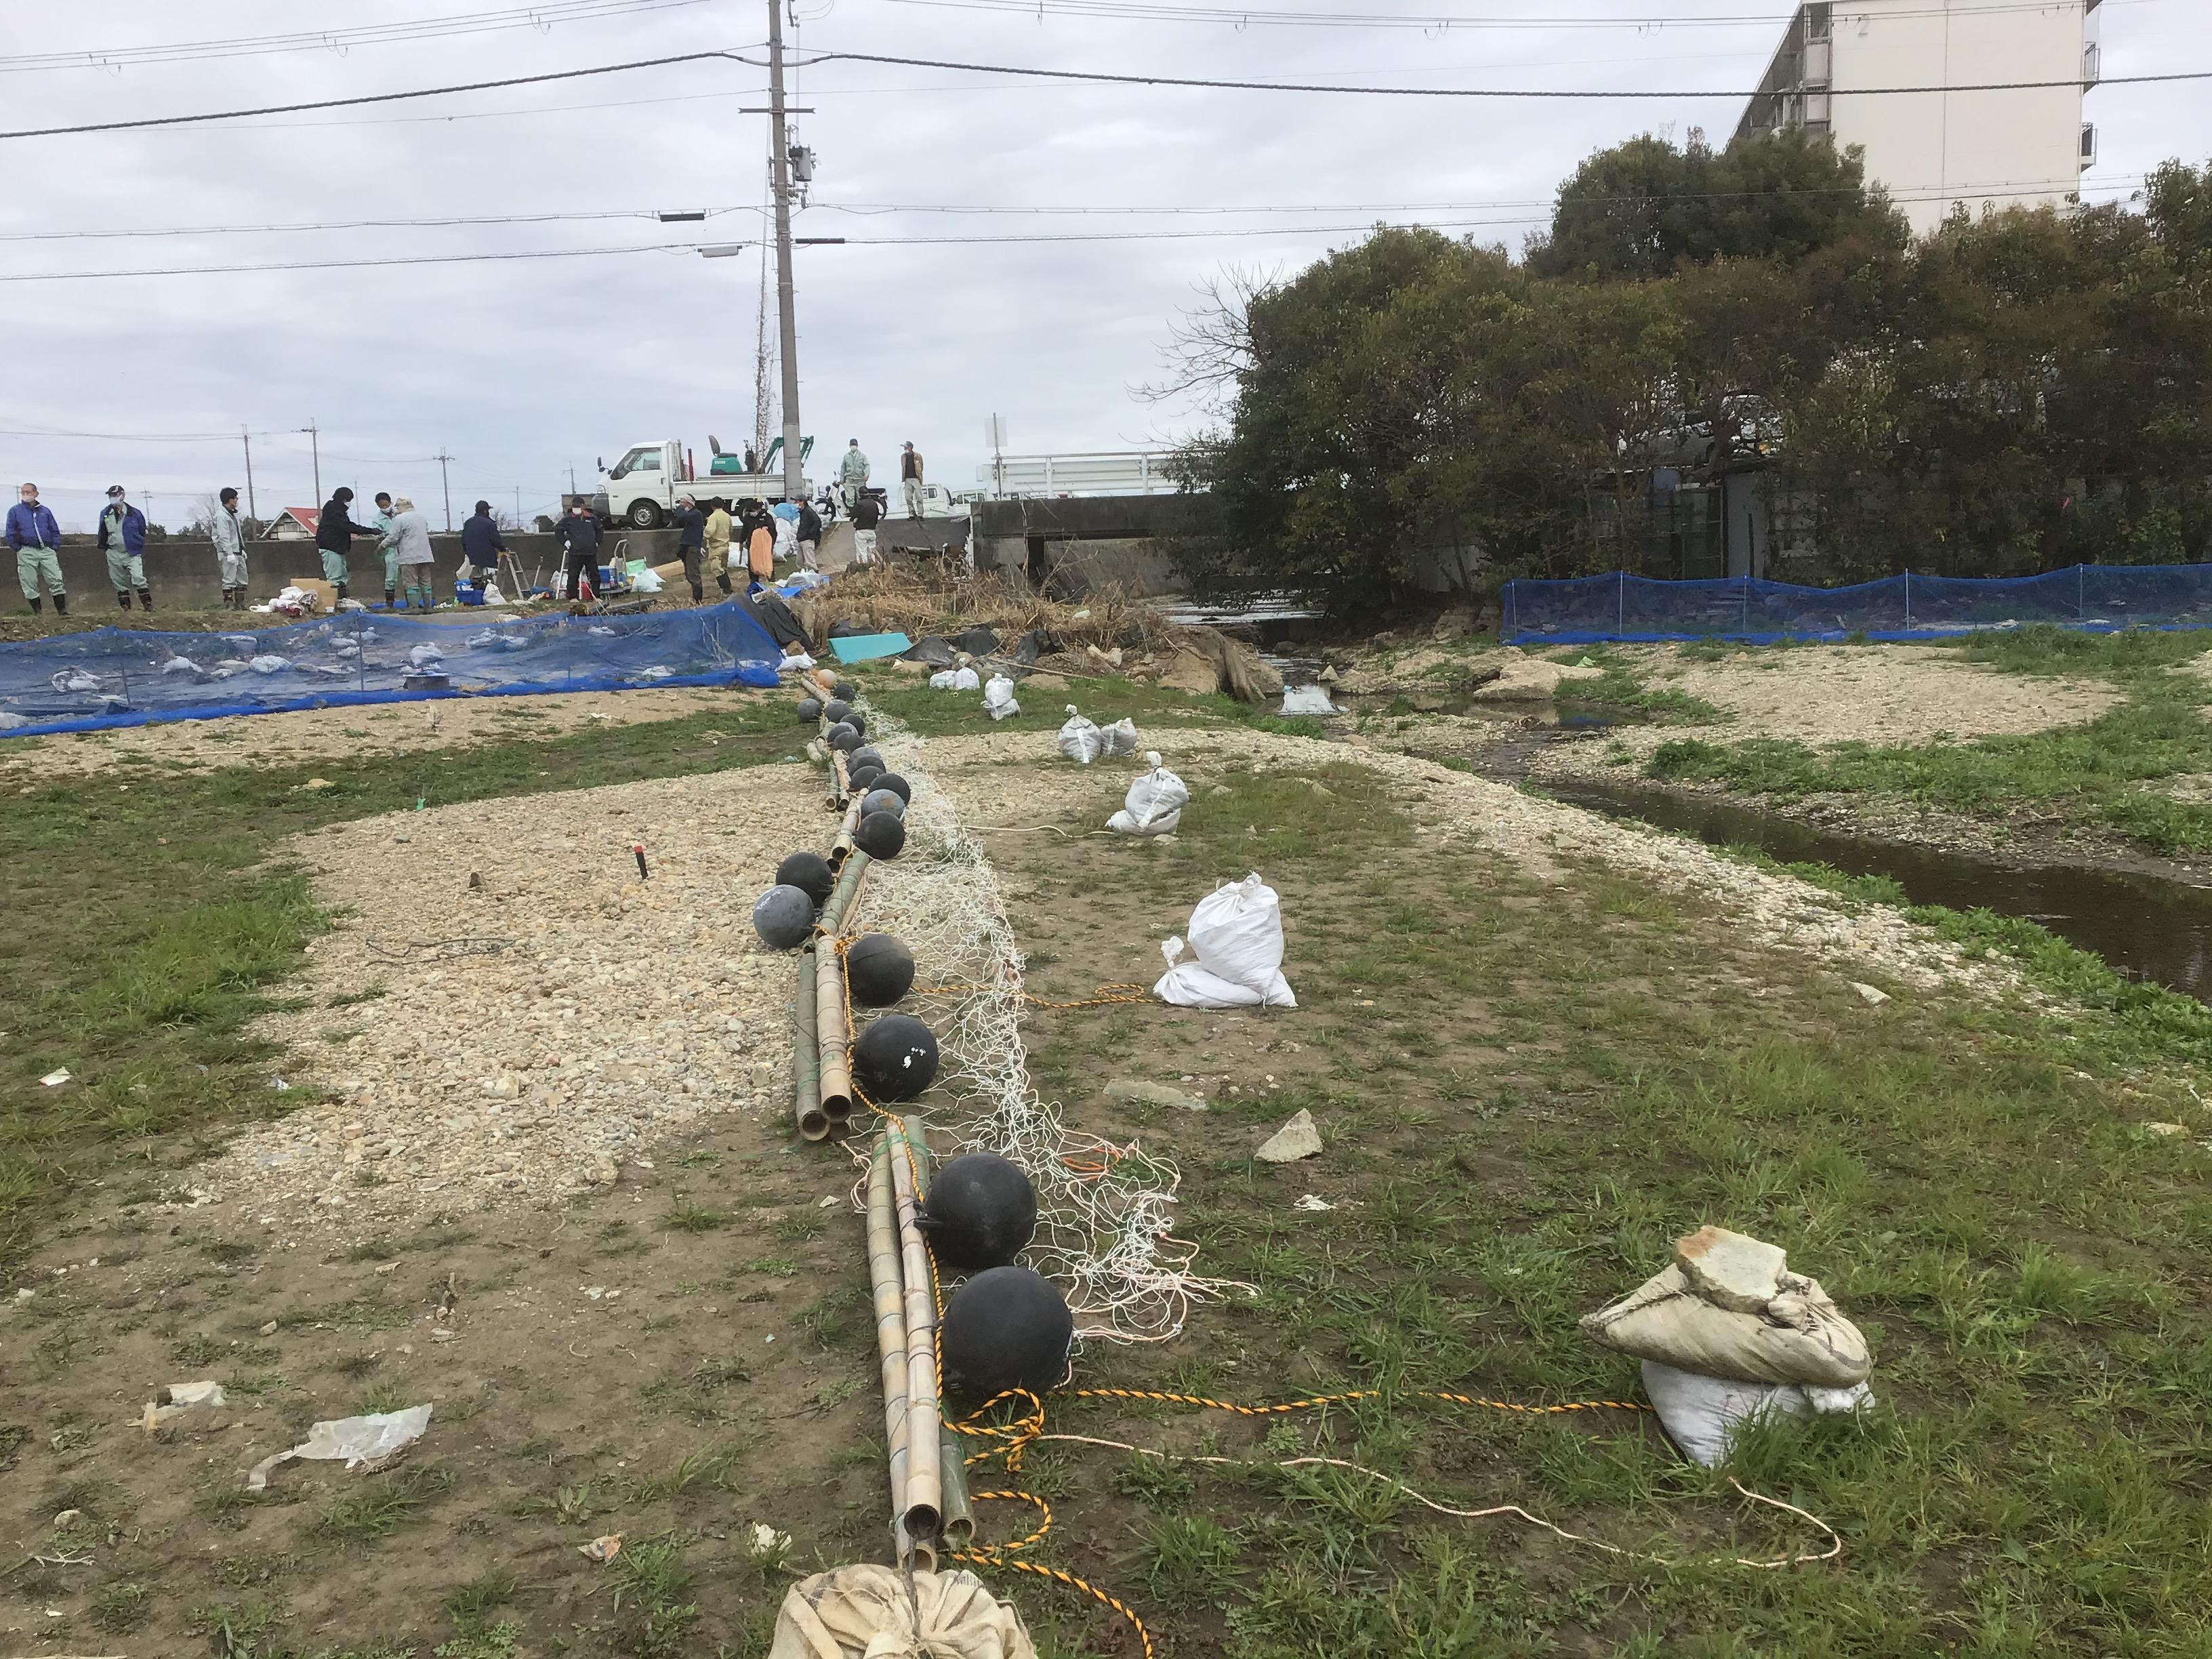 広がりを防ぐネットフェンス。ワンスパン(竹3本と丸ブイ2個)をつないで100m以上設置。